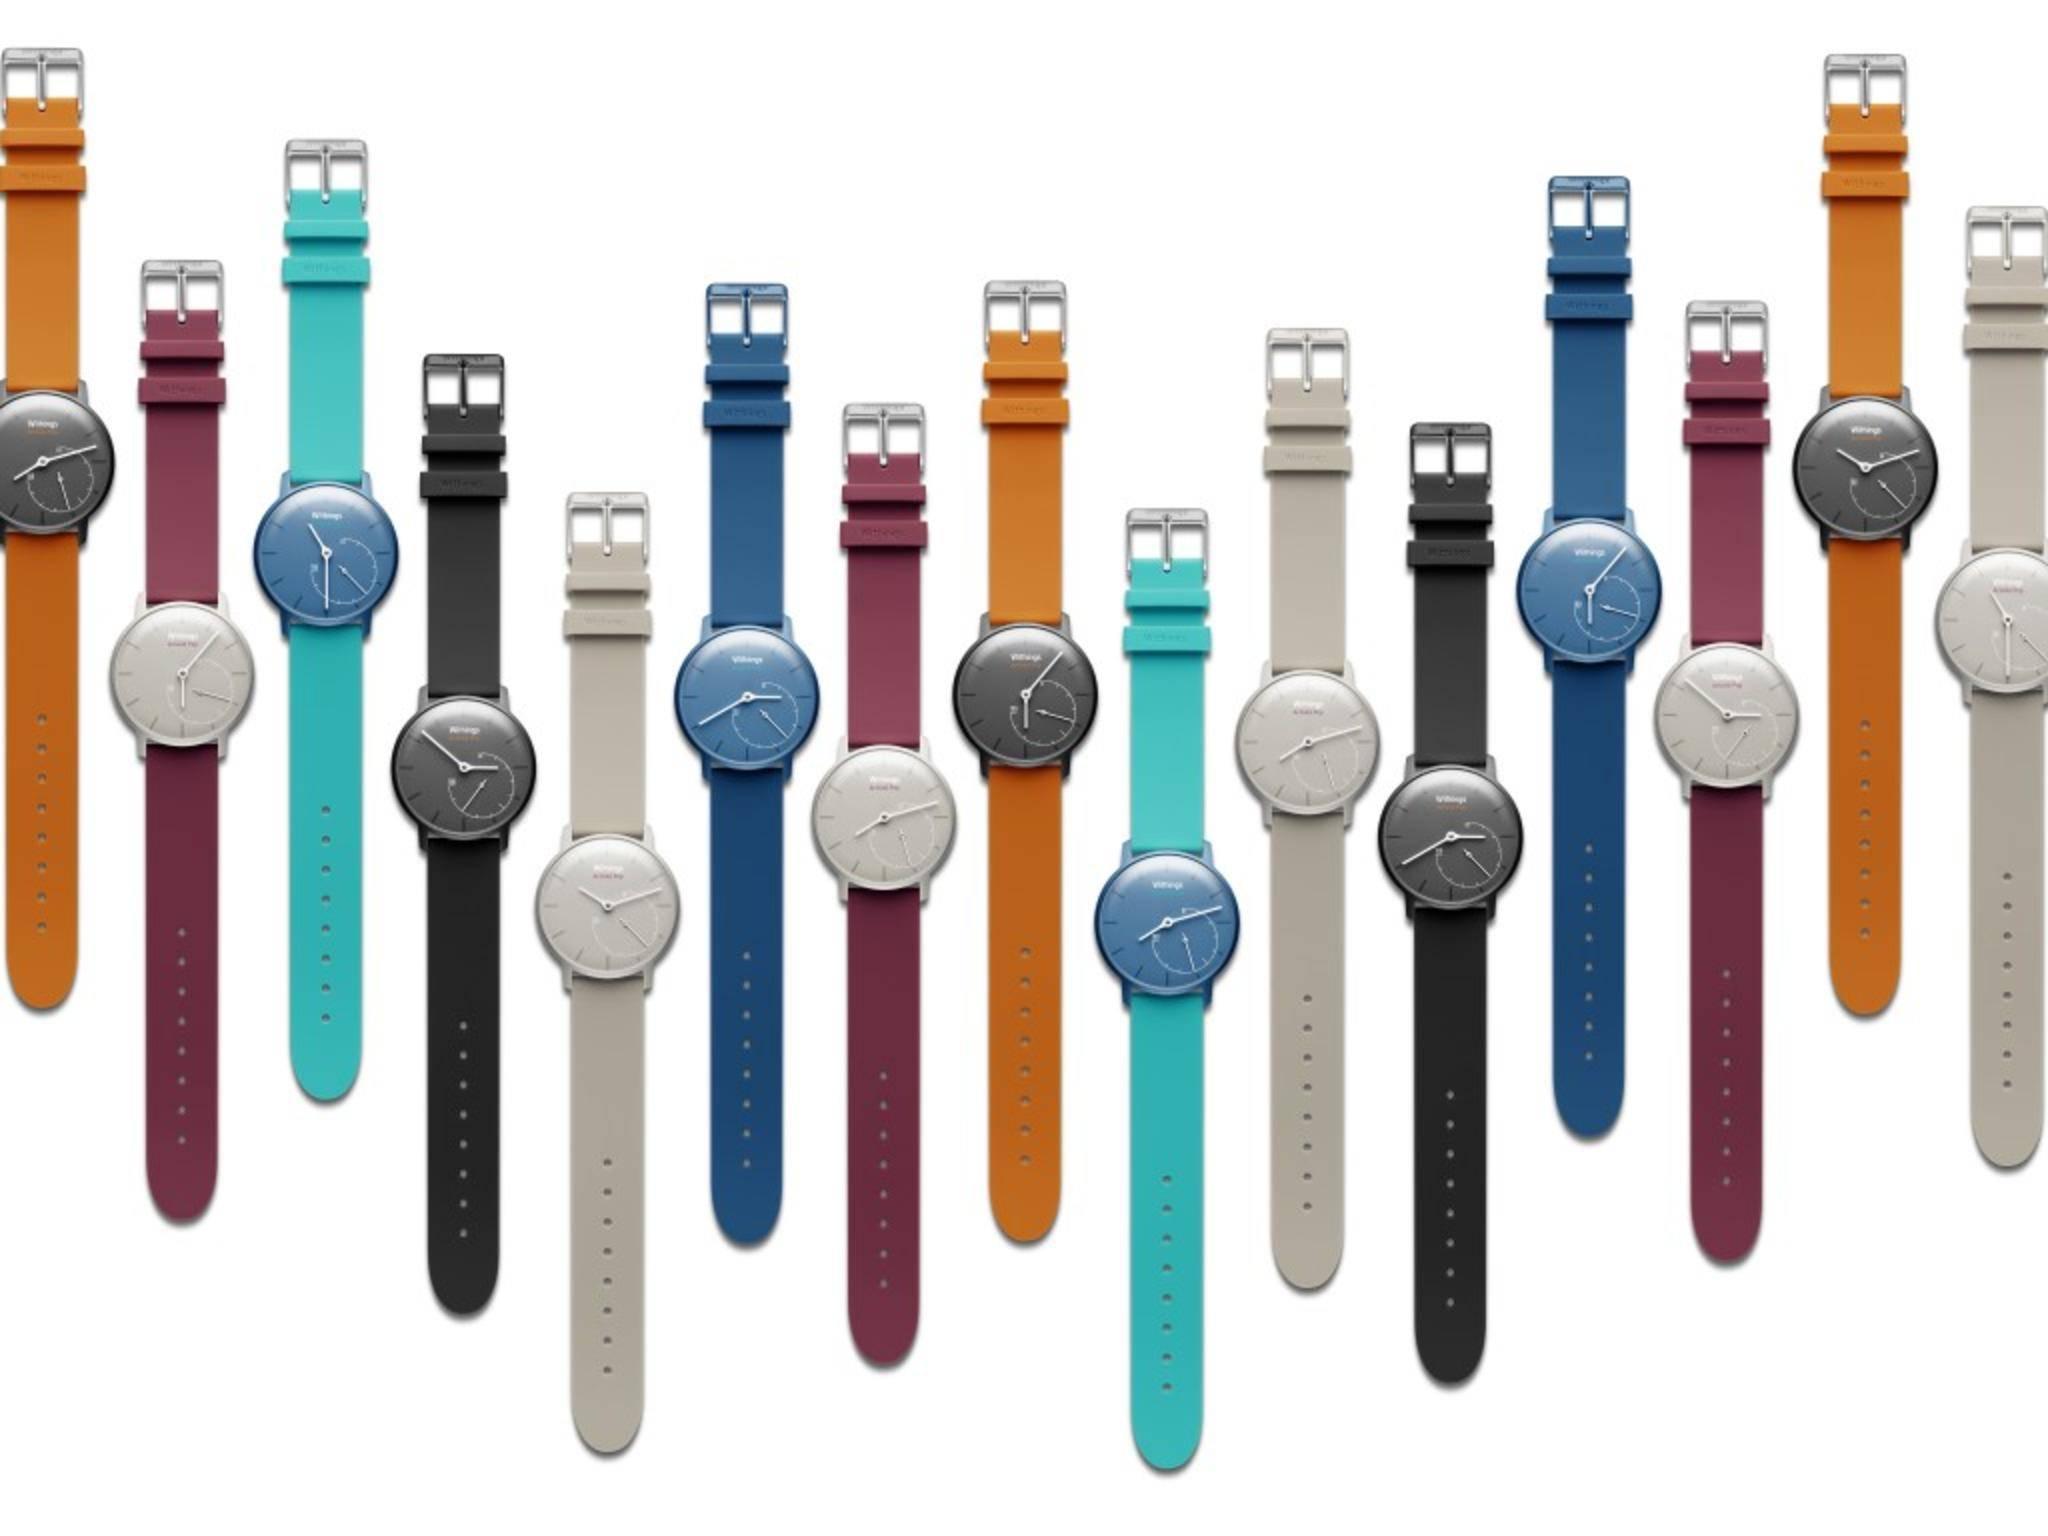 Die Withings Activité Pop ist eine analoge Uhr mit Fitness-Tracker.